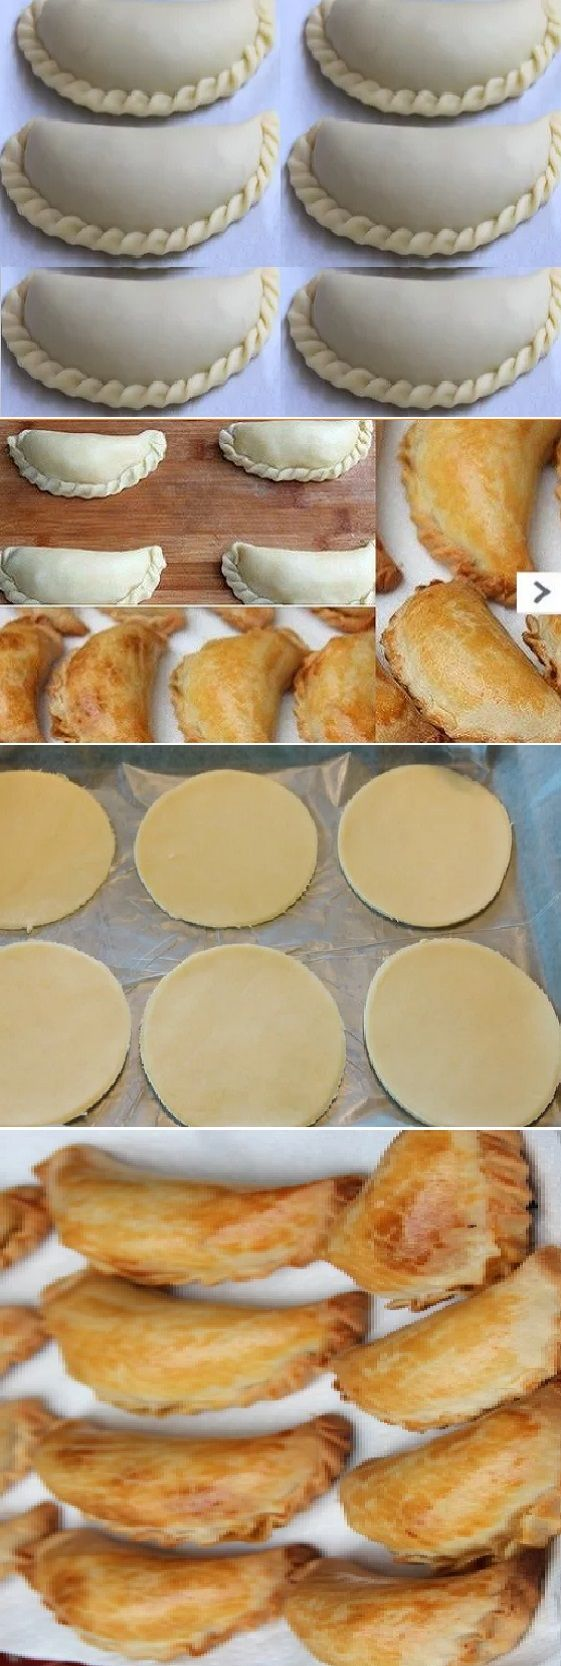 MASA CASERA: para Empanadas de Horno receta fácil para preparar. #empanadas #masa #cocina #buddyvalastro #casera  #receta #recipe #casero #torta #tartas #pastel #nestlecocina #bizcocho #bizcochuelo #tasty #cocina #chocolate #pan #panes Separe la masa en dos bolas grandes y aplástelas en forma de disco. Se puede u...